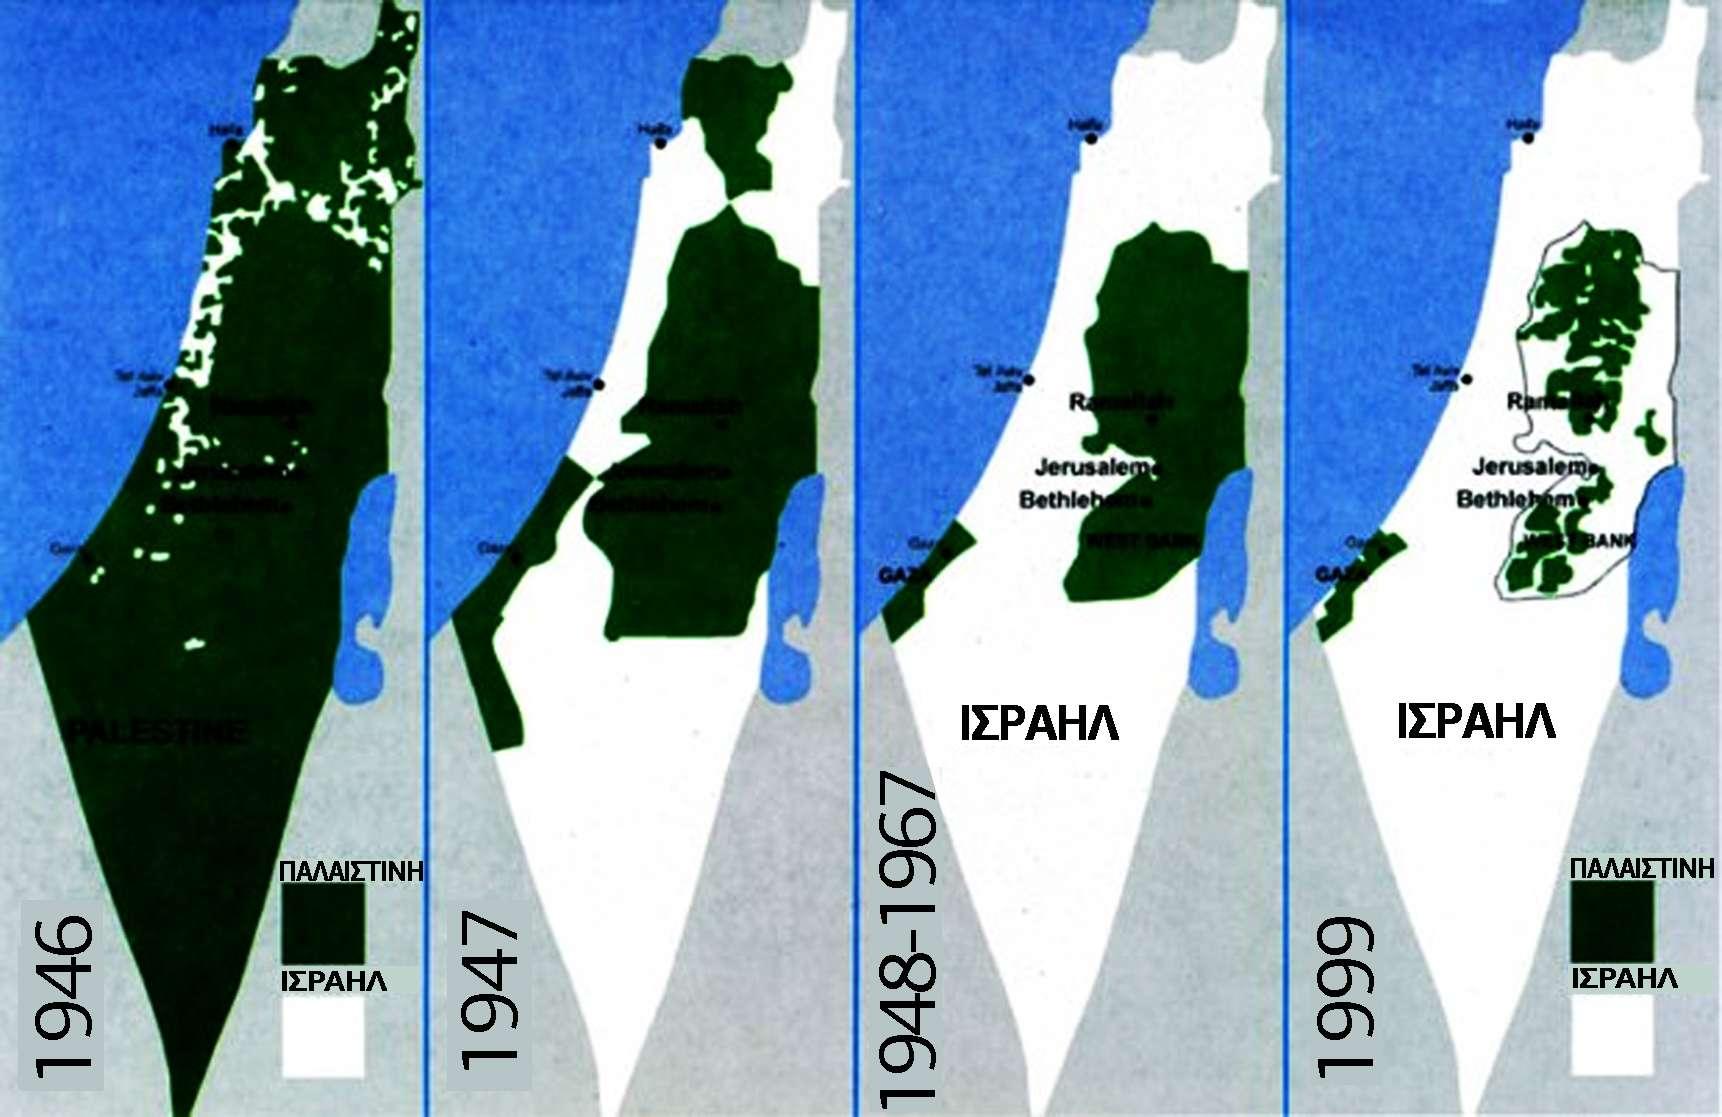 Παλαιστίνη - Ισραήλ